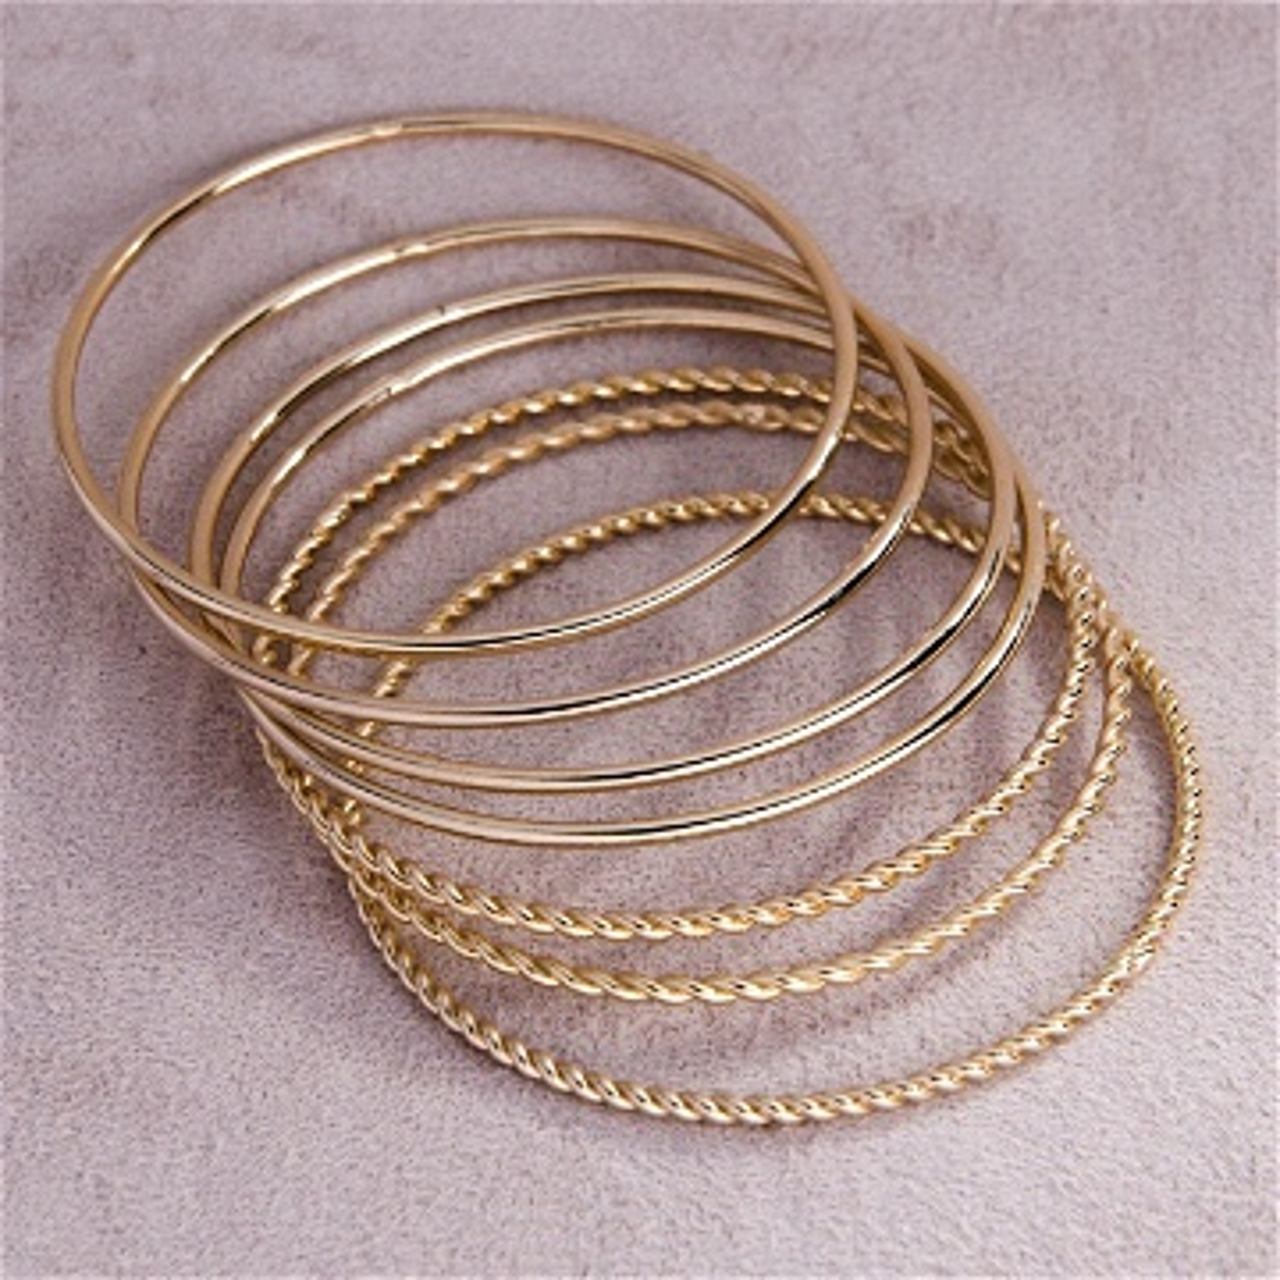 سرتلة مغربية - مجوهرات بلاكيور